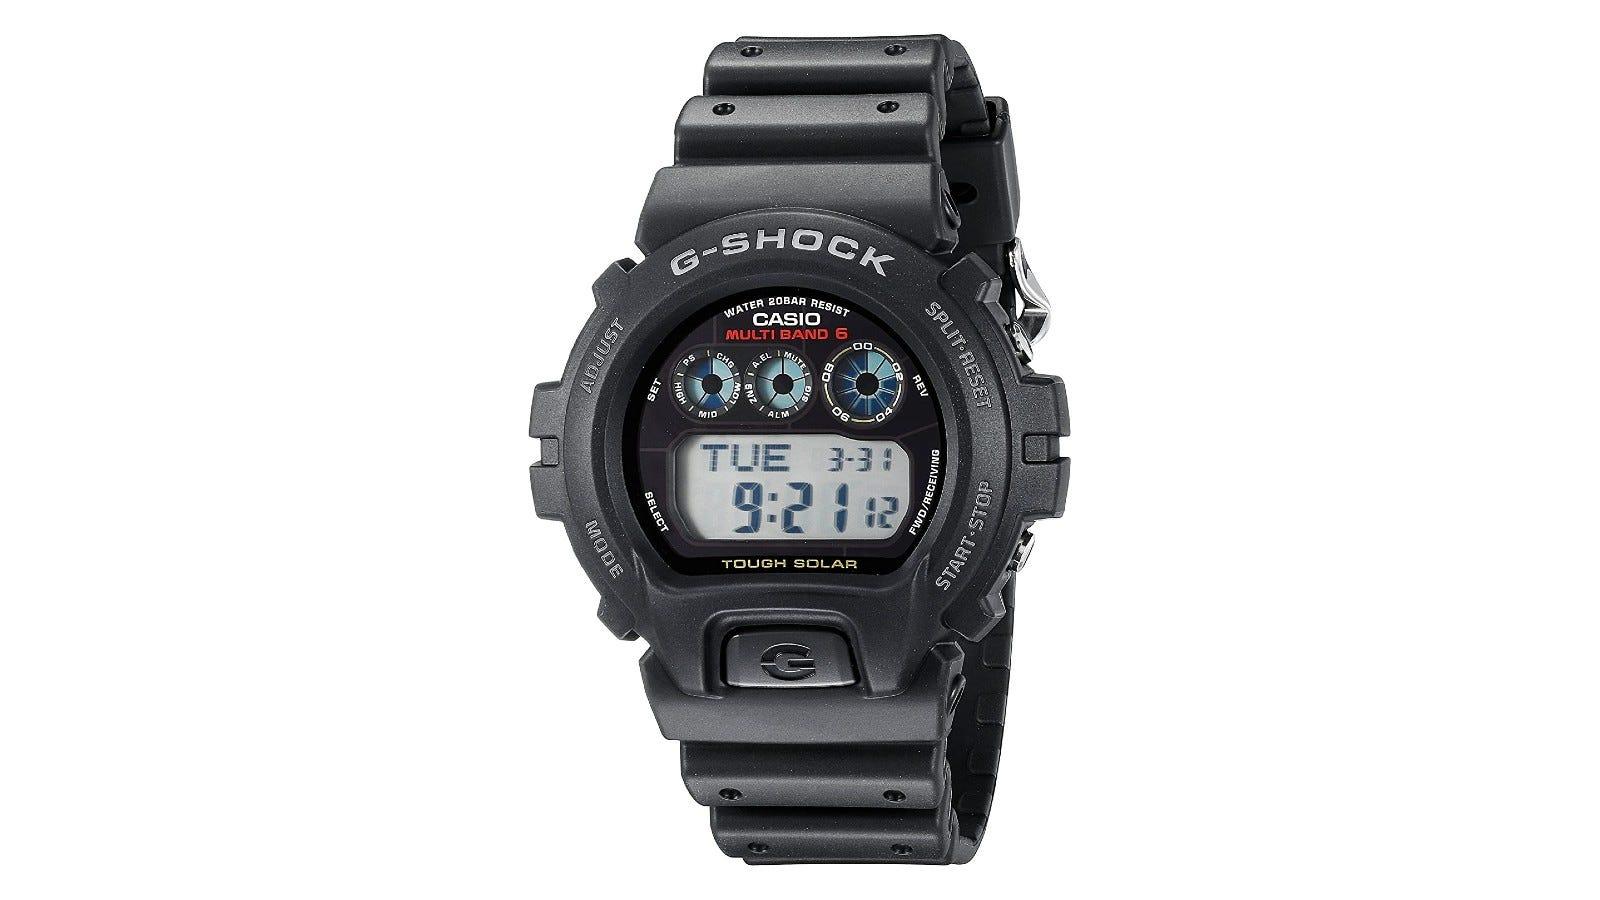 A black Casio G-Shock digital sports watch